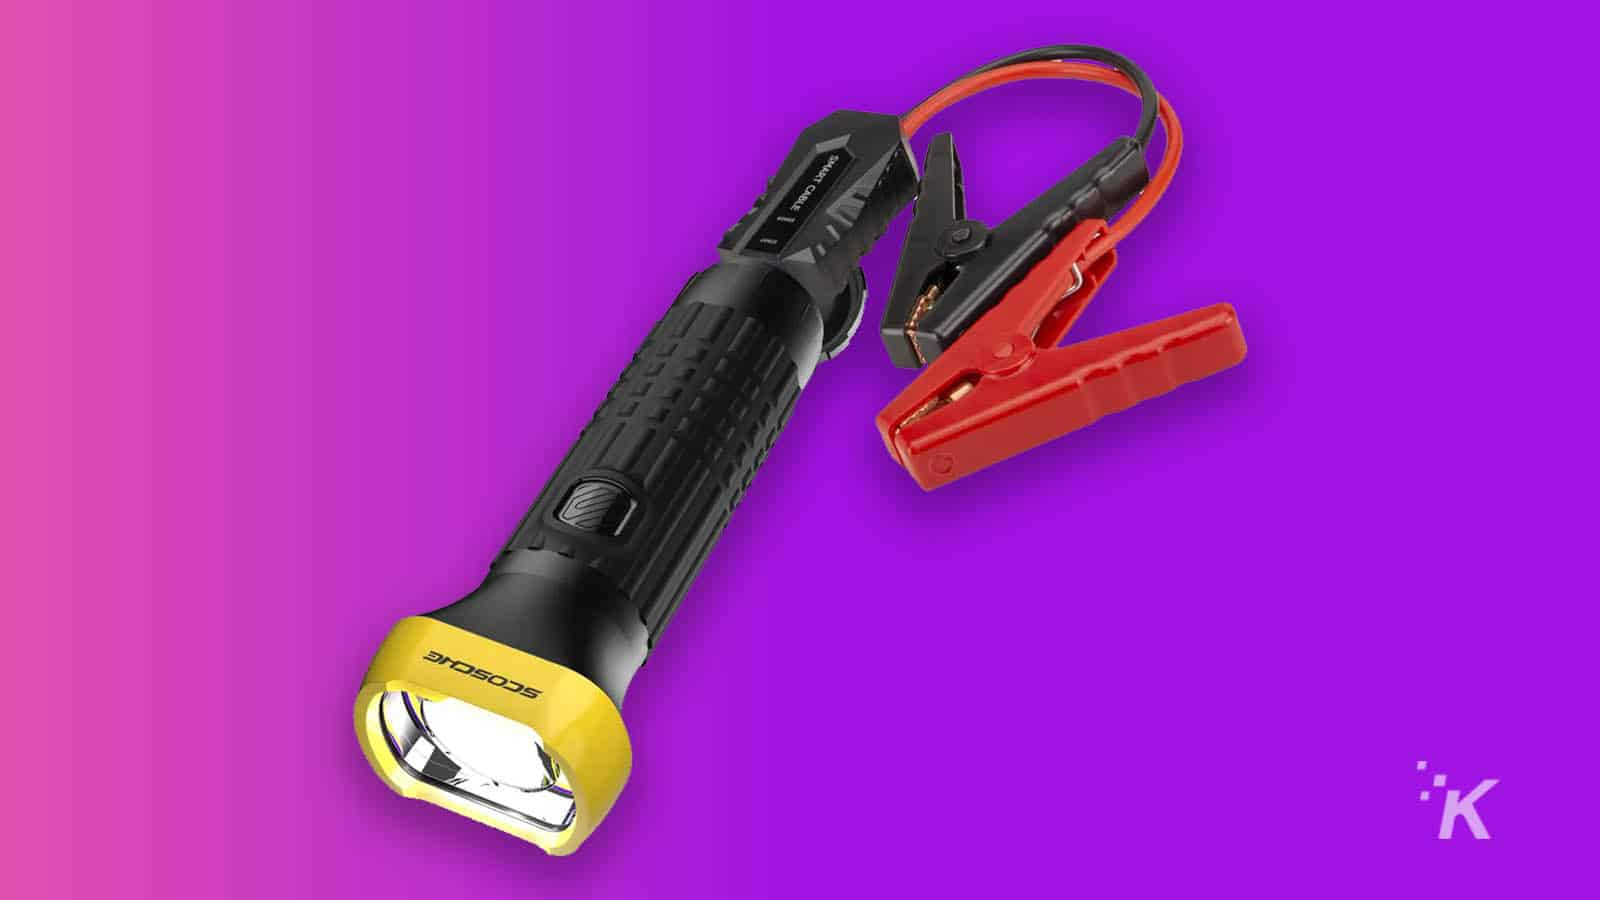 flashlight jump starter